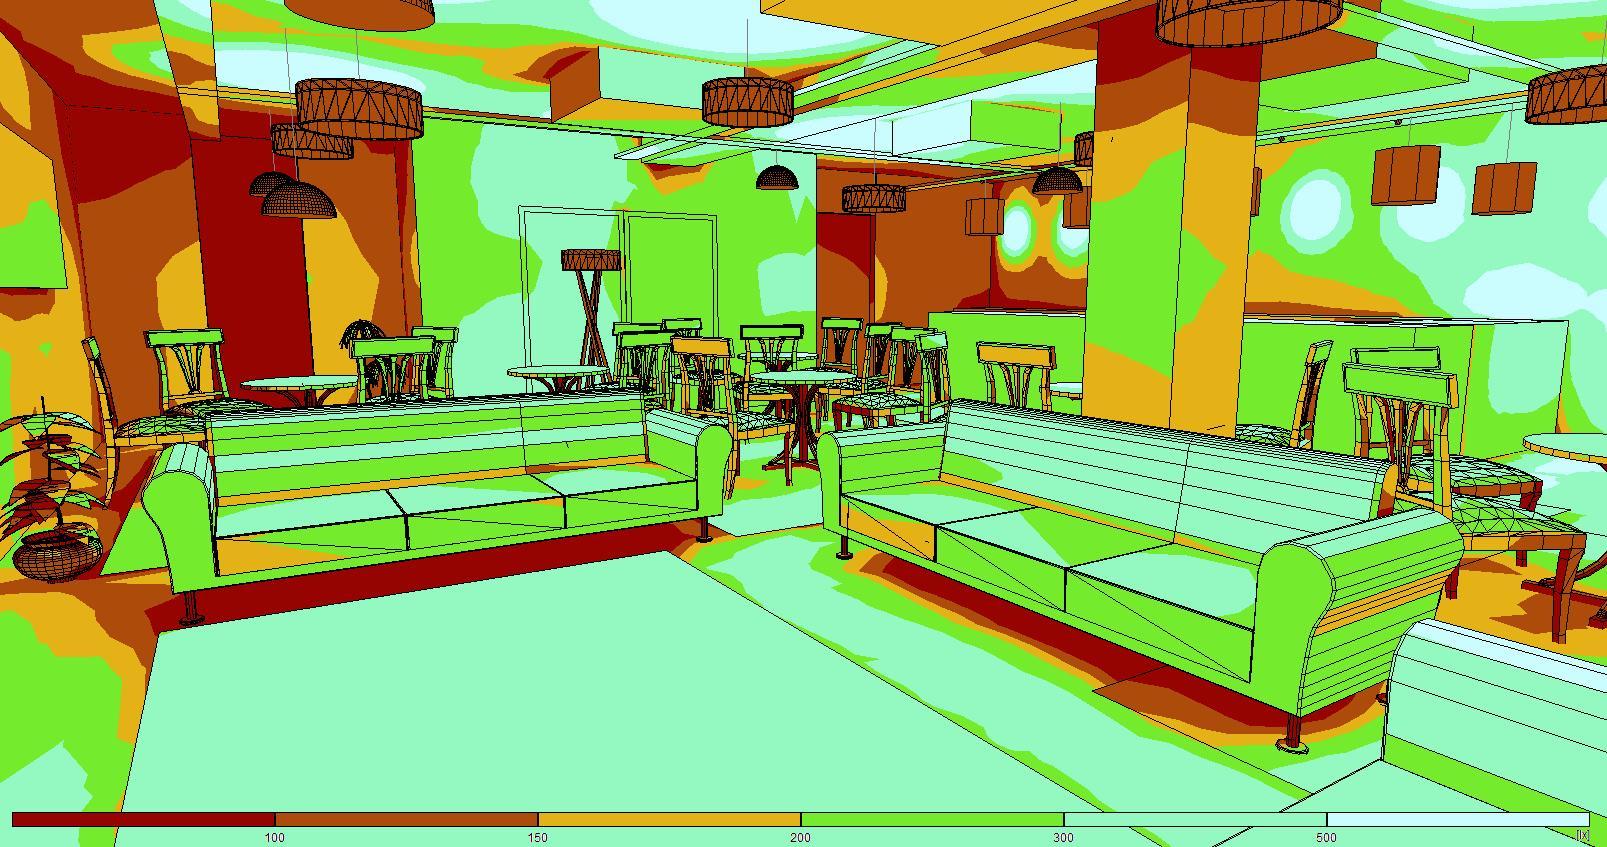 Relux Lighting Design - light mapping